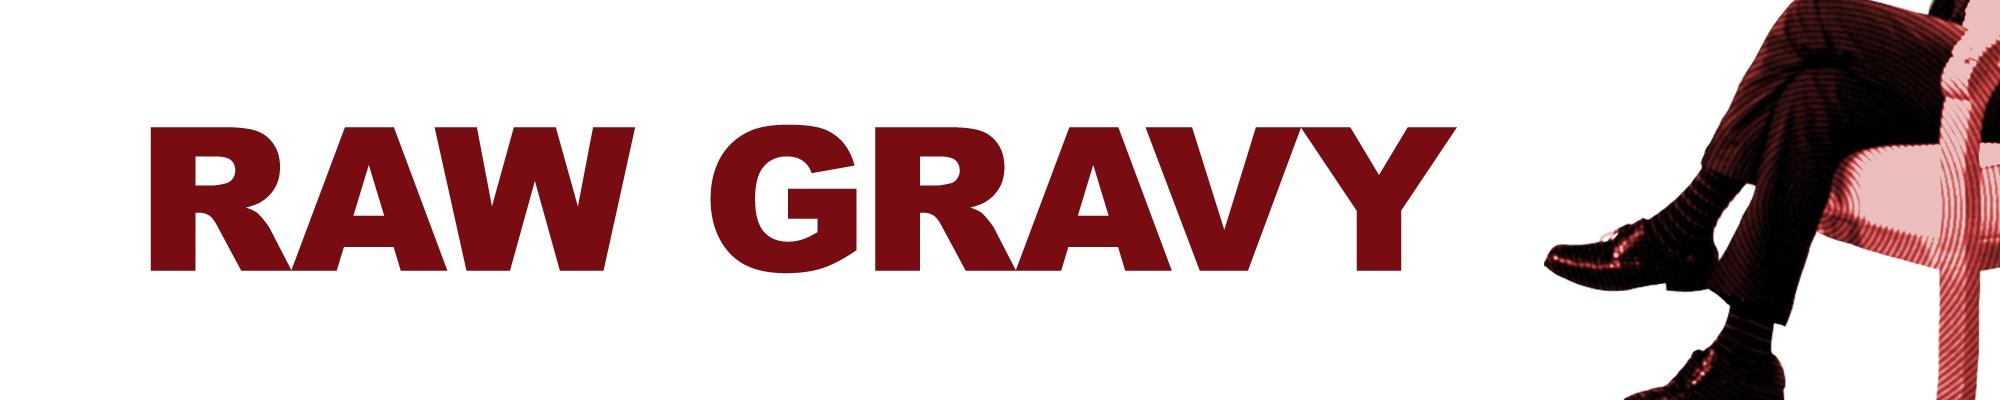 RawGravy Cover